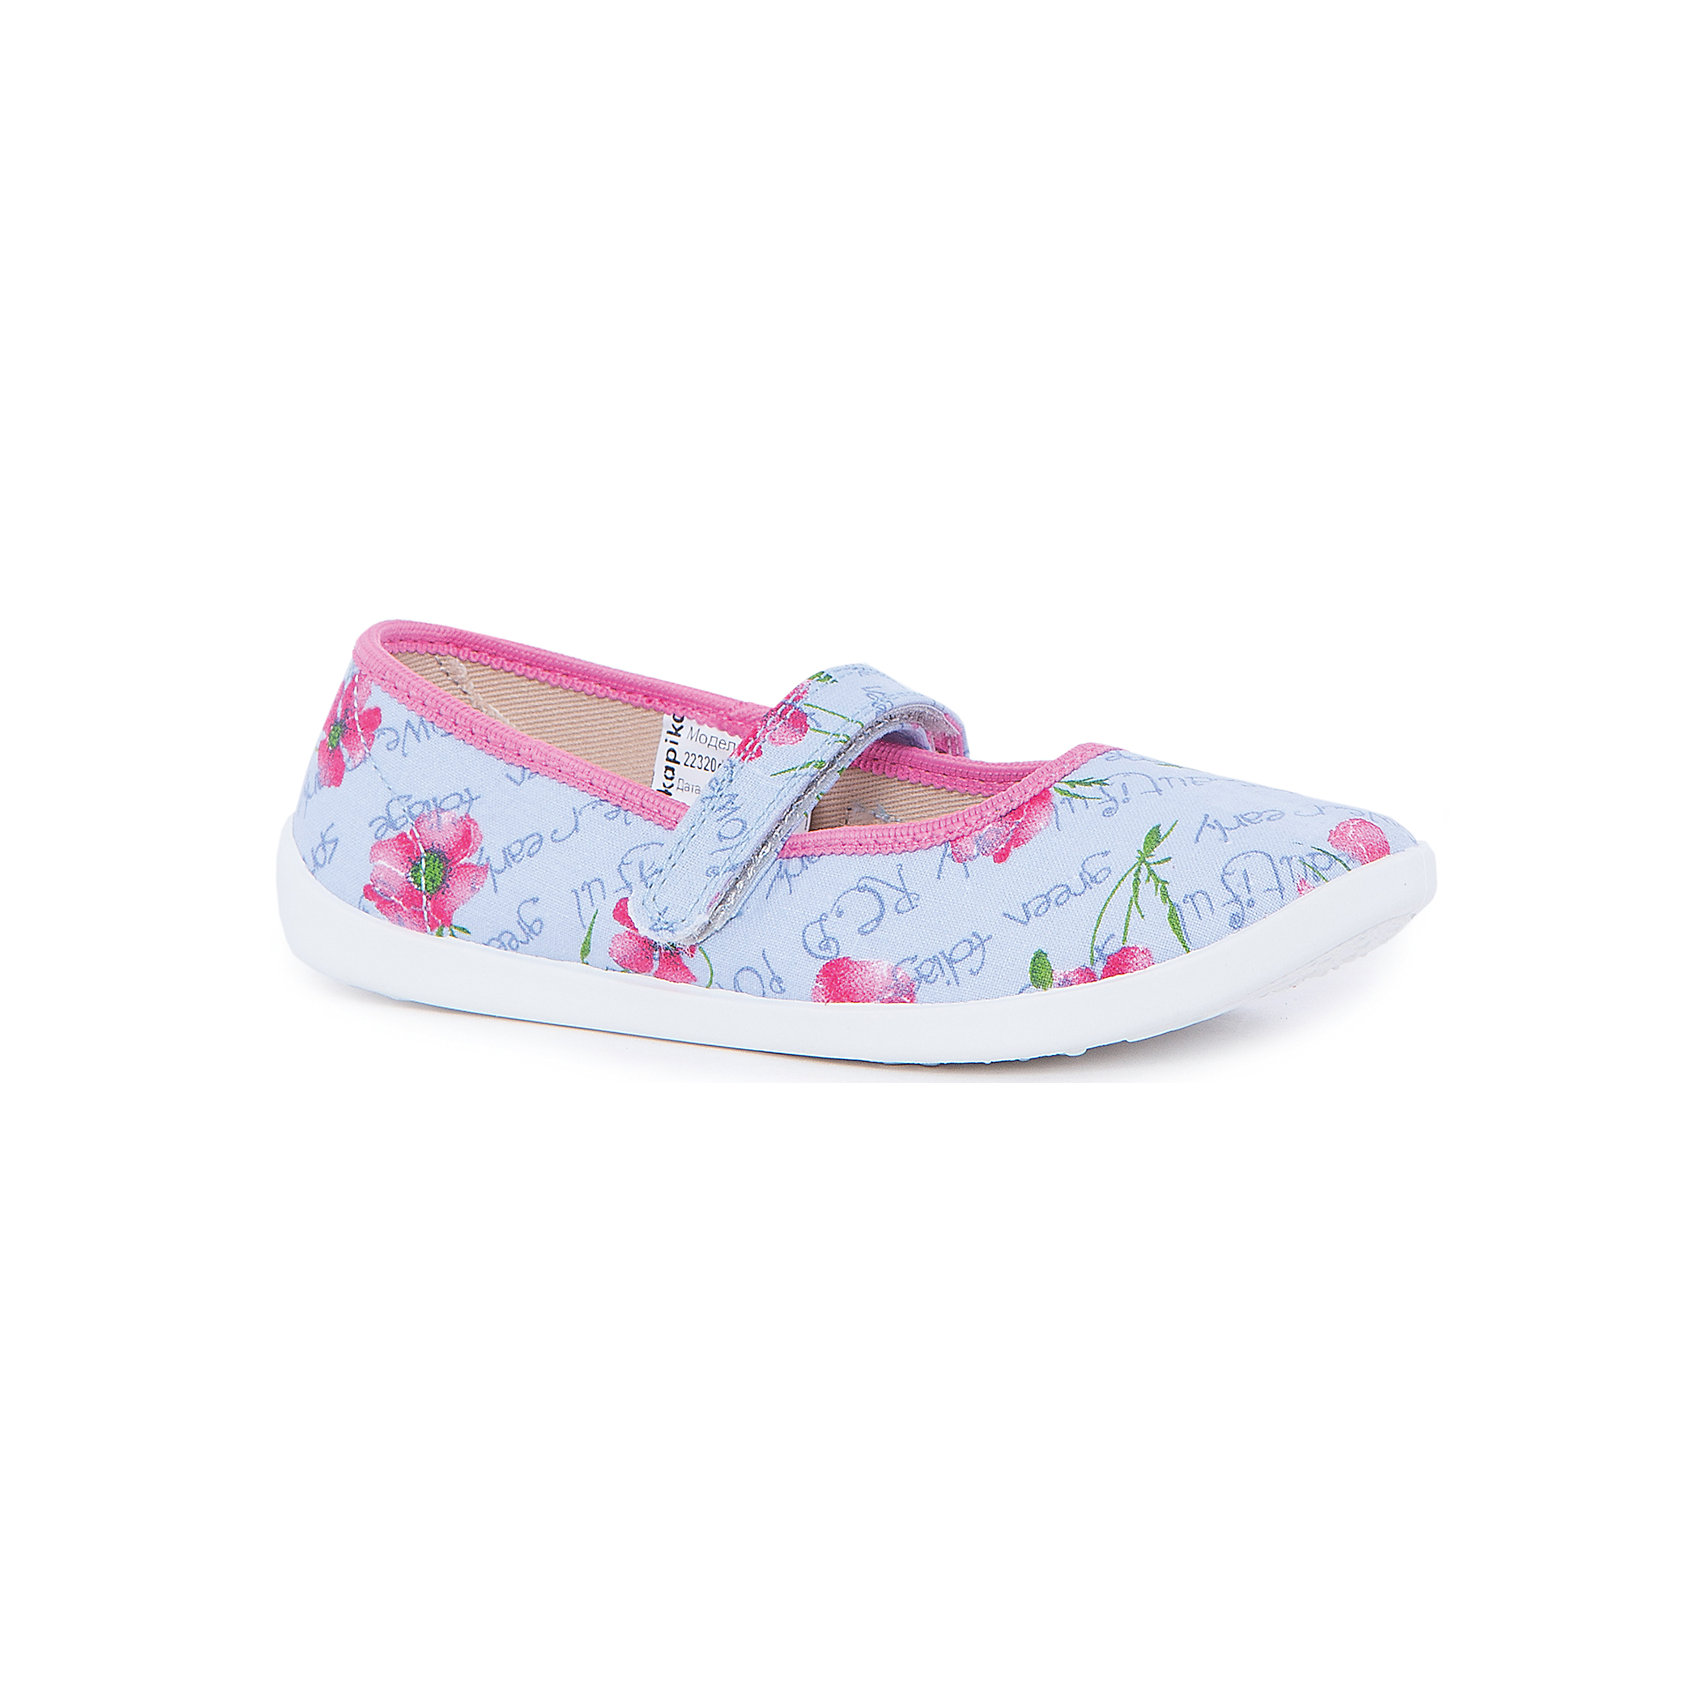 Туфли для девочки KAPIKAТуфли<br>Туфли для девочки KAPIKA станут отличным вариантом для летних прогулок. Туфельки очень удобные и не будут натирать ножки. Они не будут сковывать движение и прогулки станут особенно интересными. <br><br>Характеристика:<br>-Цвет: голубой<br>-Материал: верх - текстиль, стелька - кожа,                       подошва - полимер,                       подкладка - текстиль<br>-Застёжка: липучка<br>-Бренд: KAPIKA(КАПИКА)<br><br>Туфли для девочки KAPIKA  вы можете приобрести в нашем интернет- магазине.<br><br>Ширина мм: 227<br>Глубина мм: 145<br>Высота мм: 124<br>Вес г: 325<br>Цвет: синий<br>Возраст от месяцев: 120<br>Возраст до месяцев: 132<br>Пол: Женский<br>Возраст: Детский<br>Размер: 34,33,35,30,31,32<br>SKU: 4987733